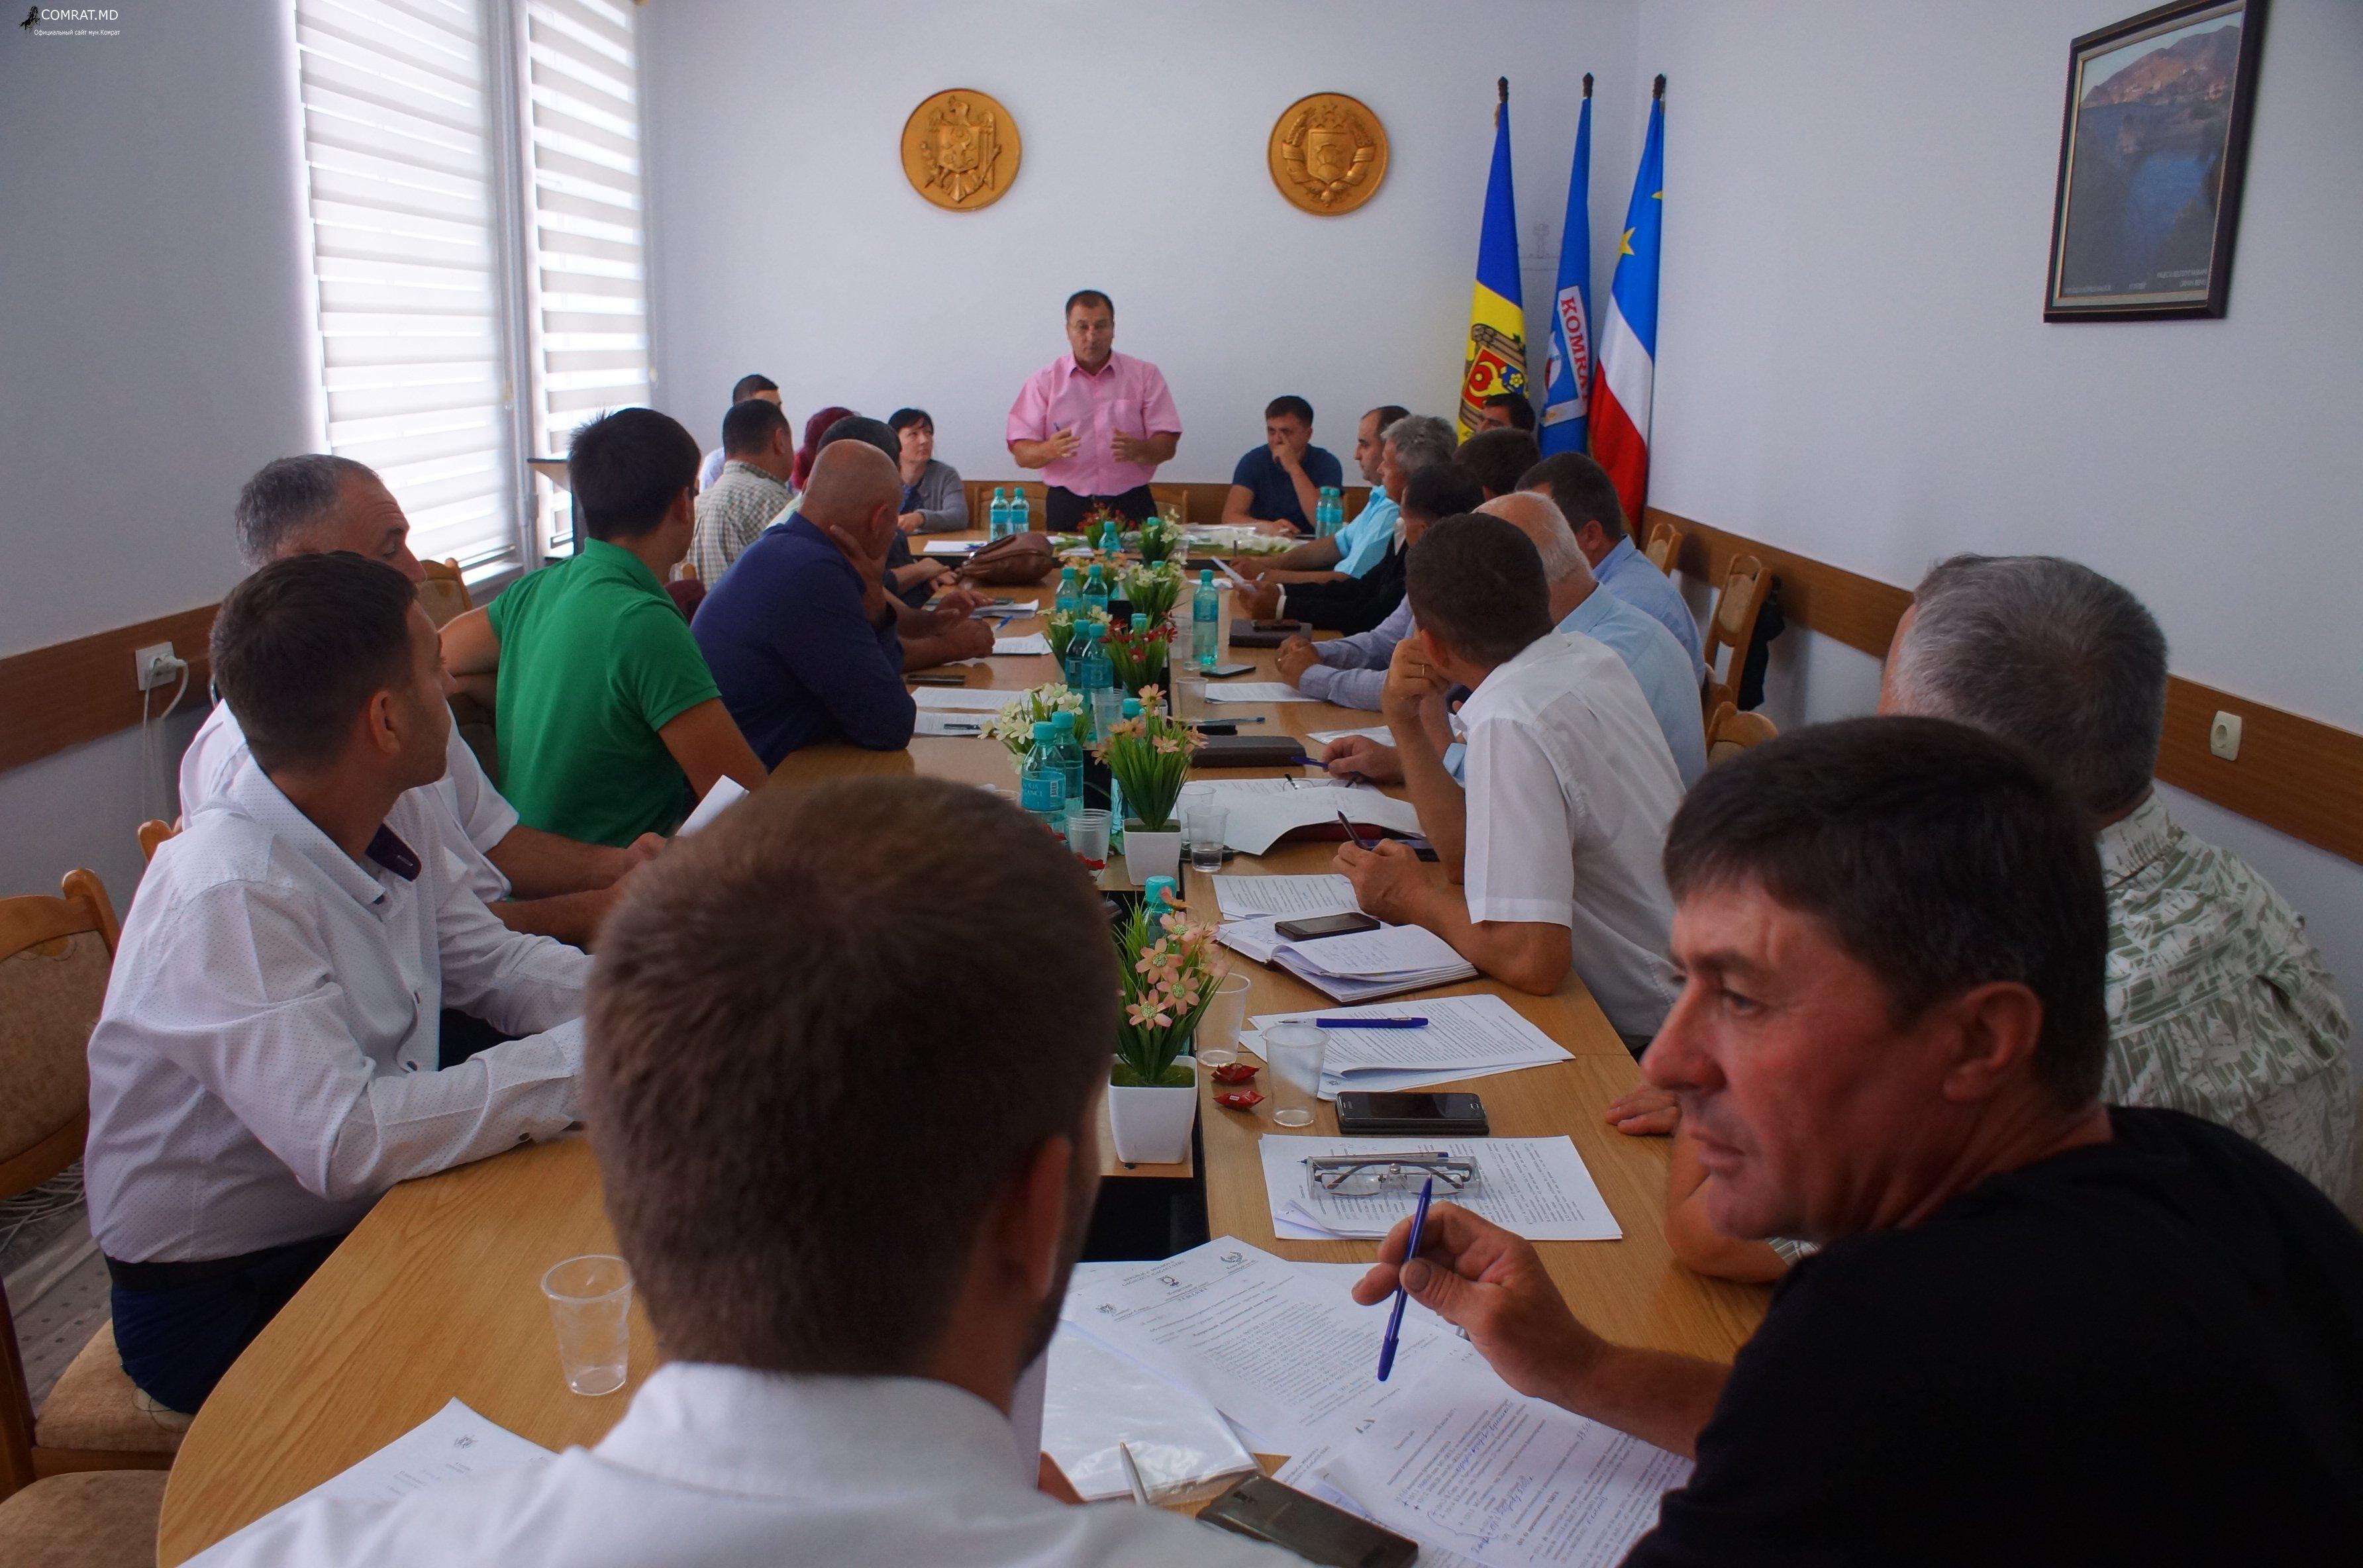 Заседание муниципального совета Комрат от 28.07.2017г (фоторепортаж)